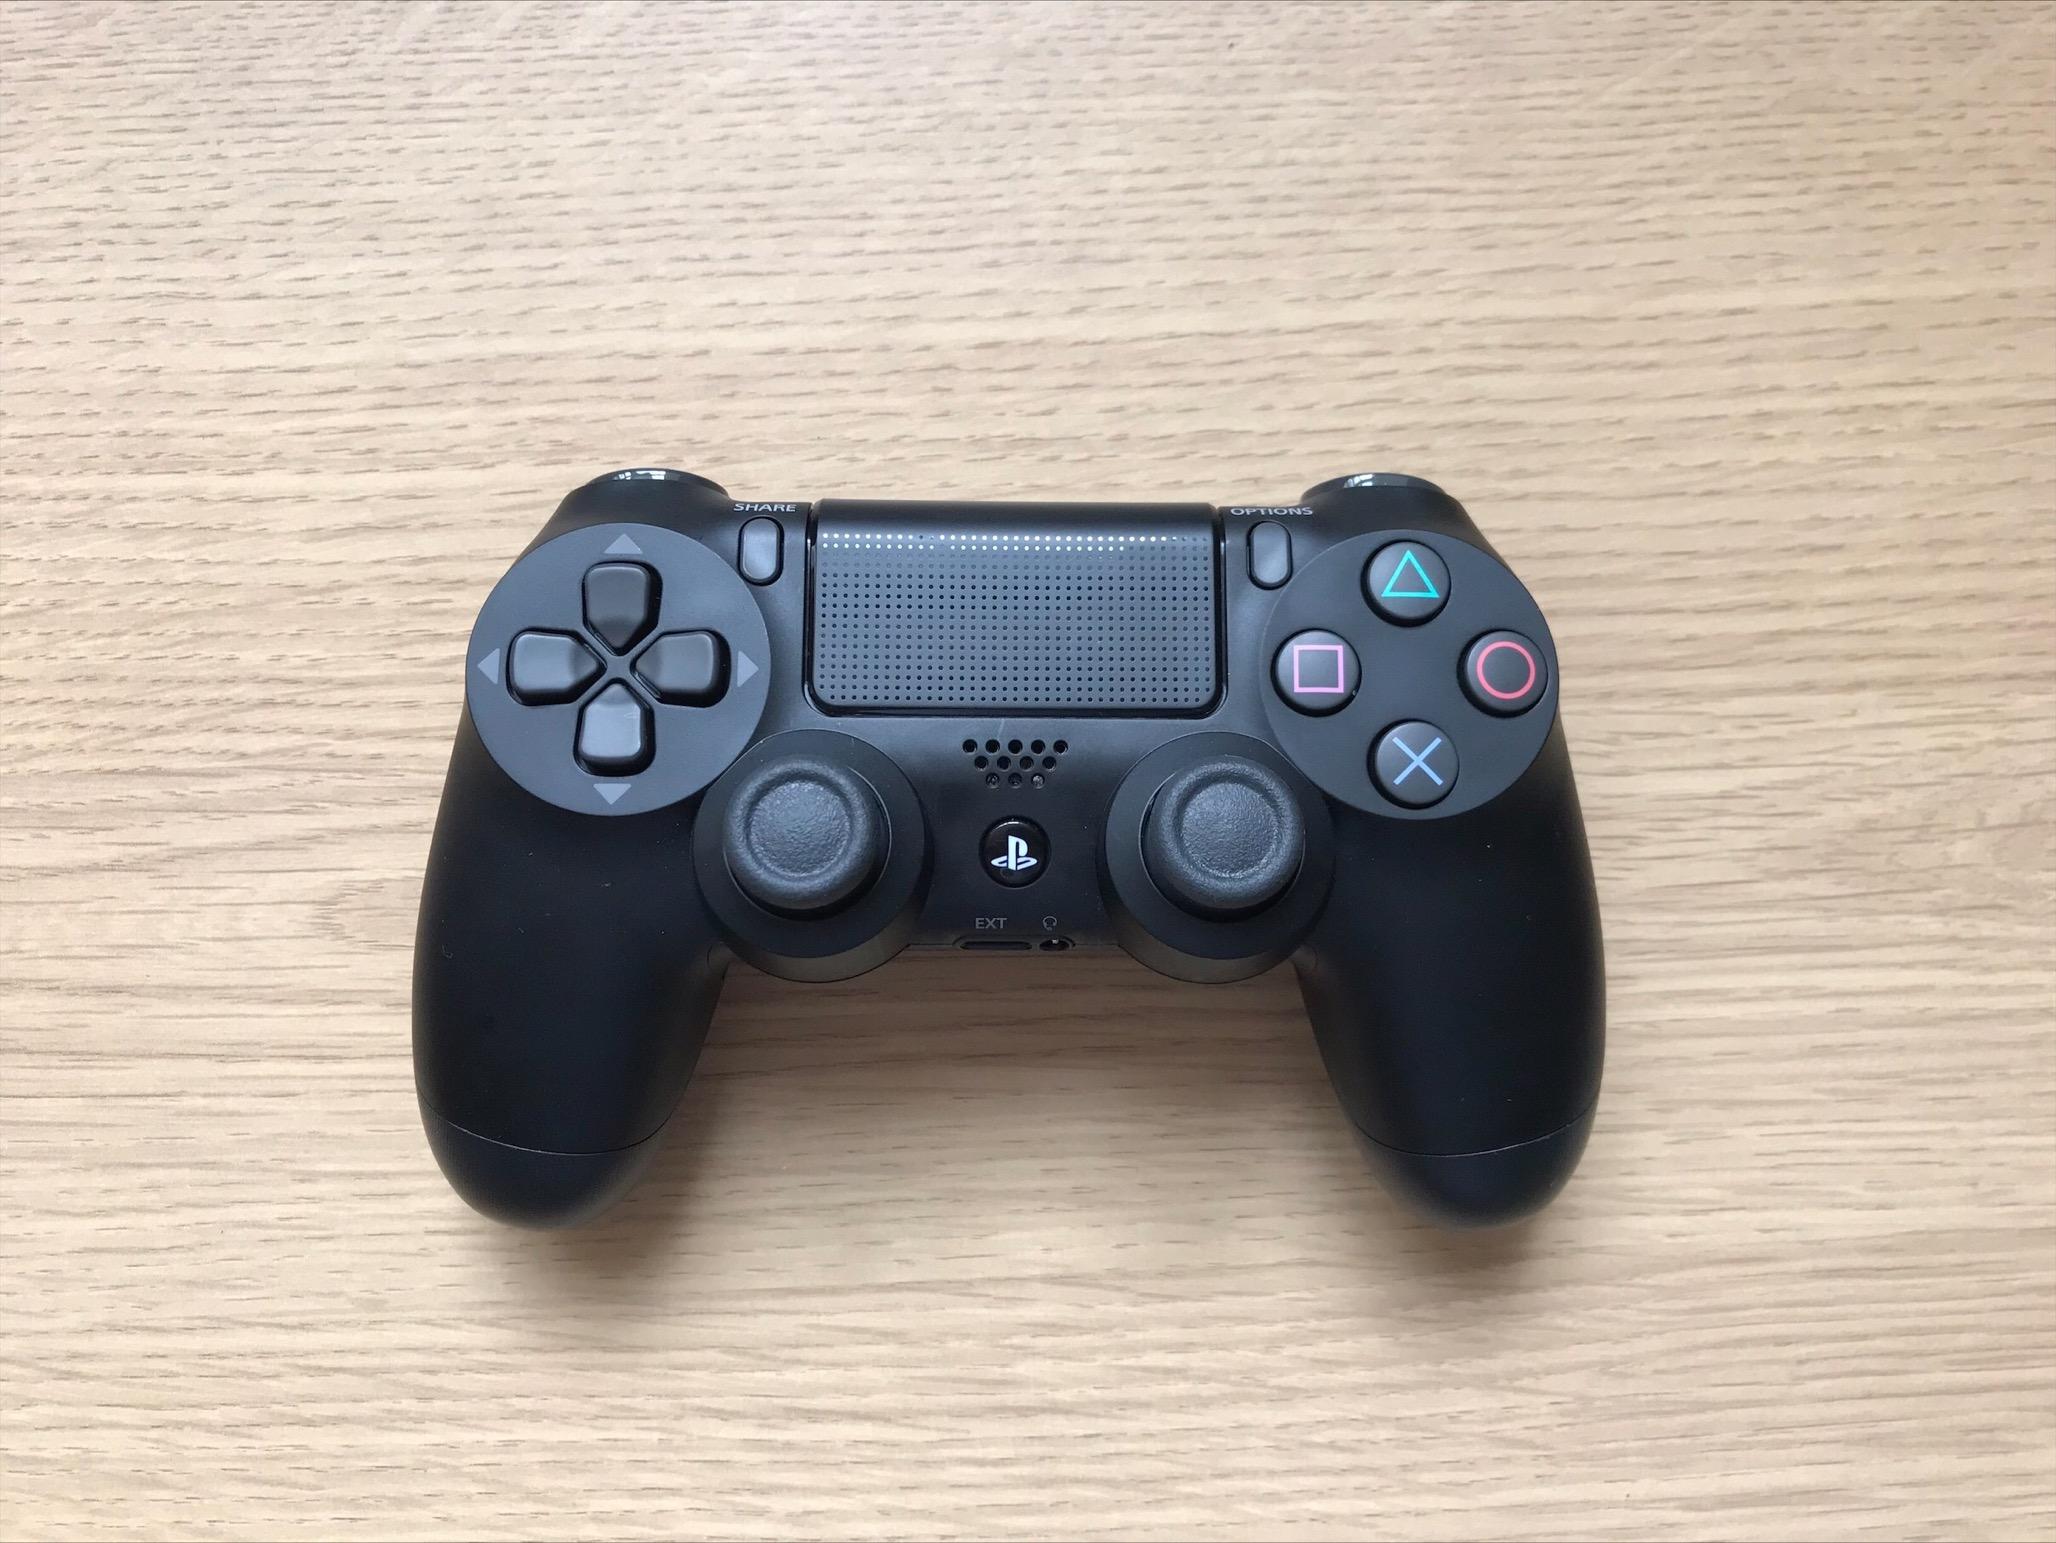 A Lightweight PS4 DualShock controller